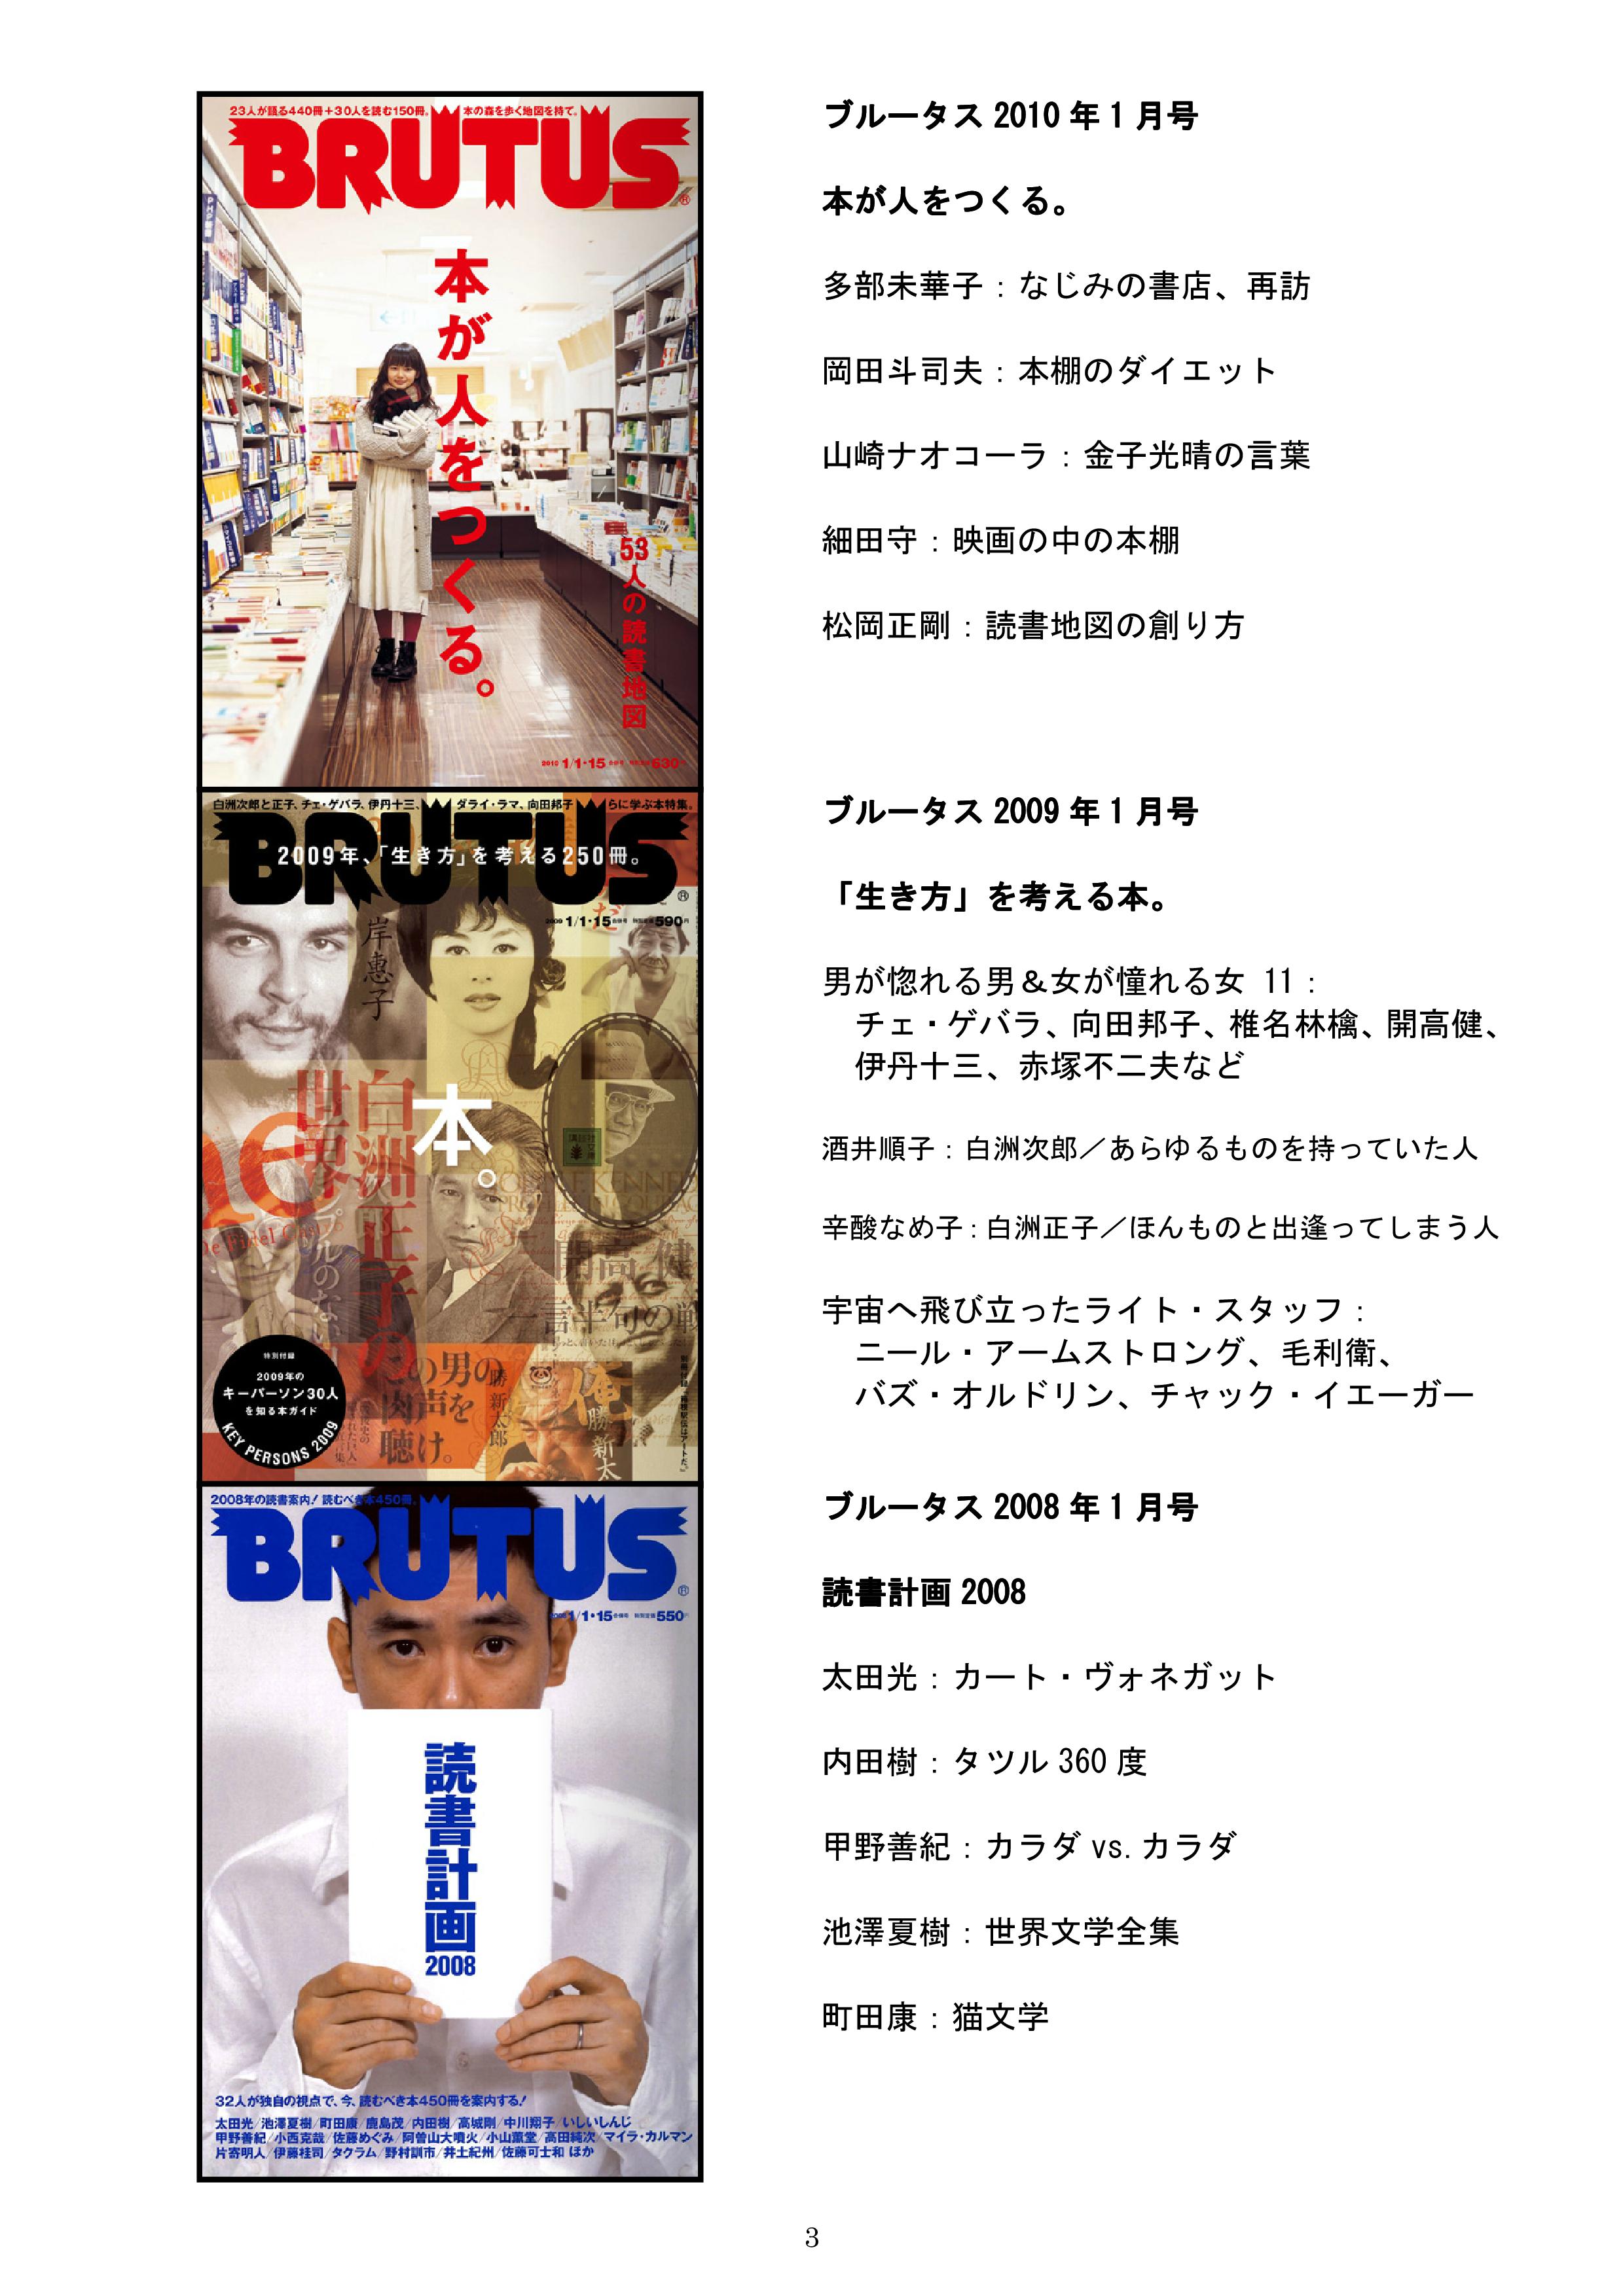 ブルータス&広告-002